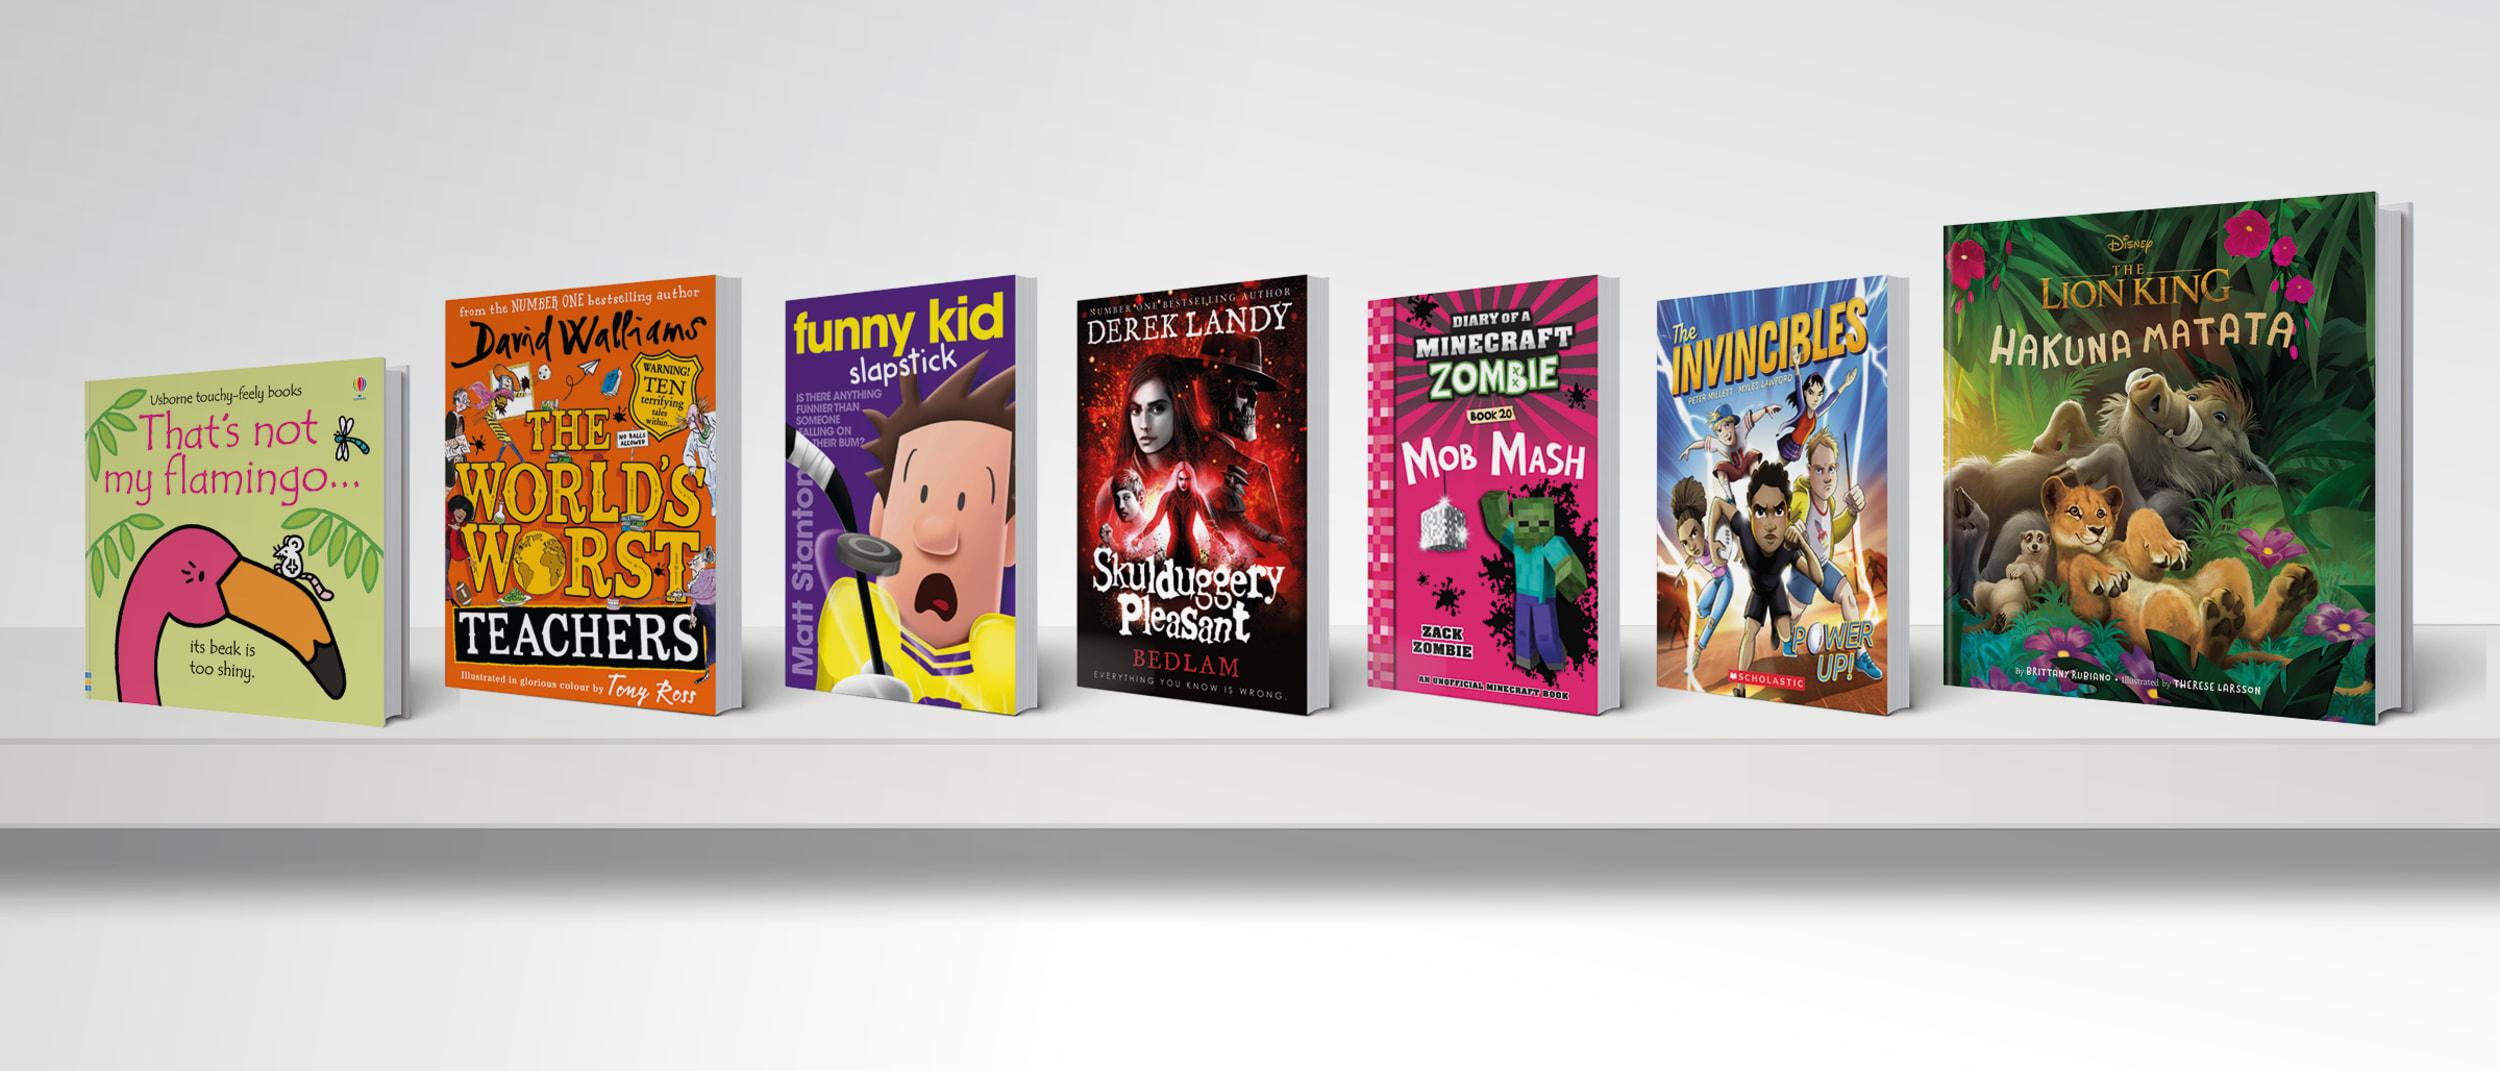 Whitcoulls:Fun Starts Here - Buy 1, Get 1 Half Price Kids' Books*